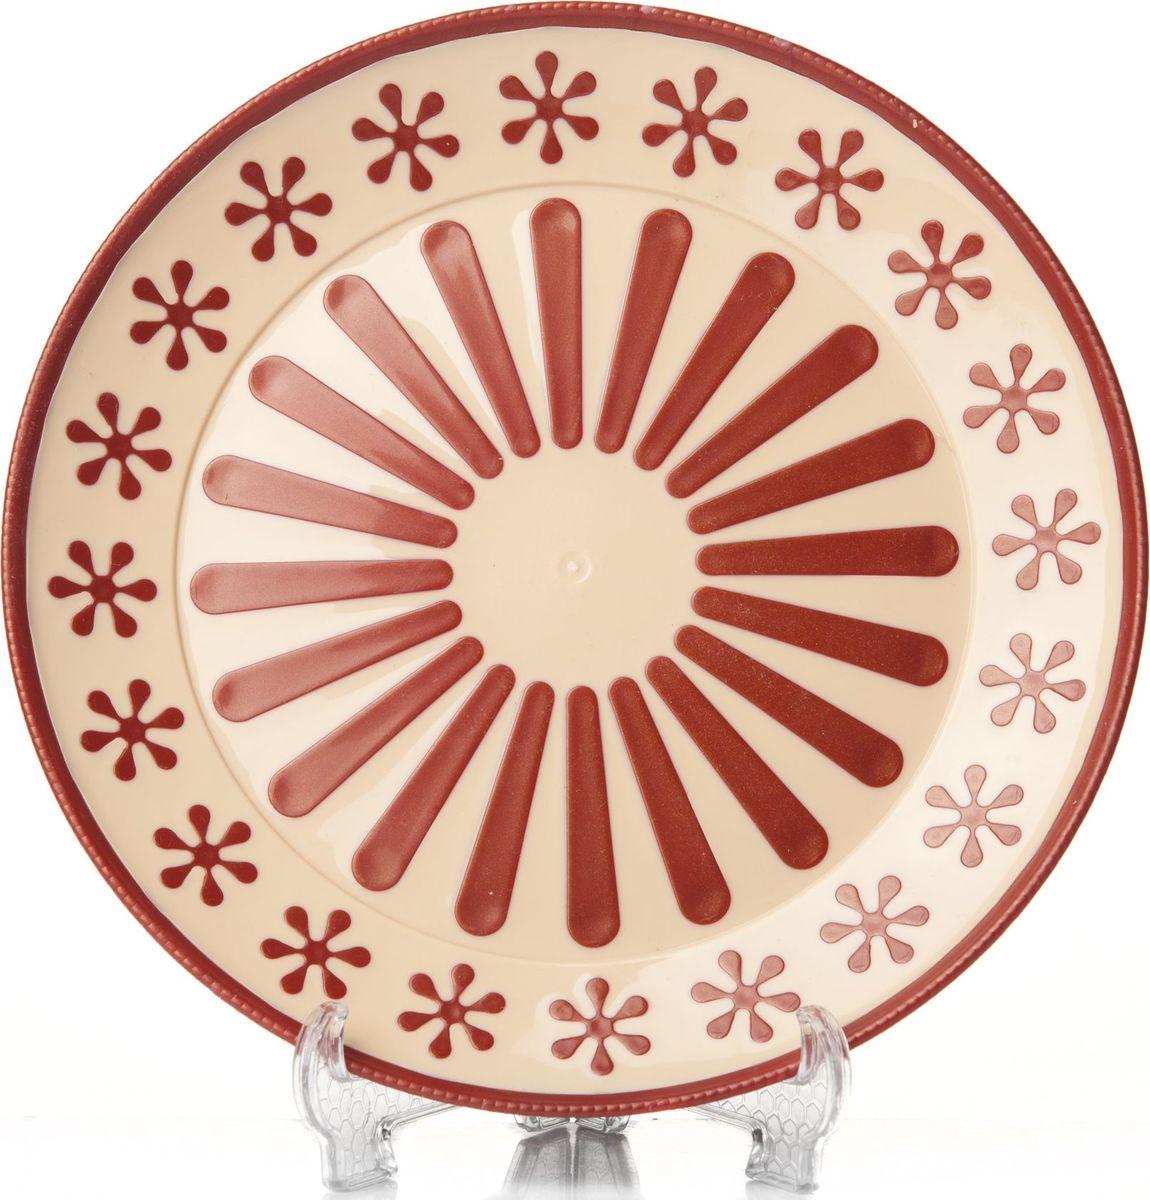 """Круглая тарелка Альтернатива """"Валенсия"""", изготовленная из высококачественного пластика, оформлена оригинальным и ярким рисунком. Изделие подходит для повседневного пользования. Диаметр тарелки: 19 см. Высота тарелки: 1,7 см."""